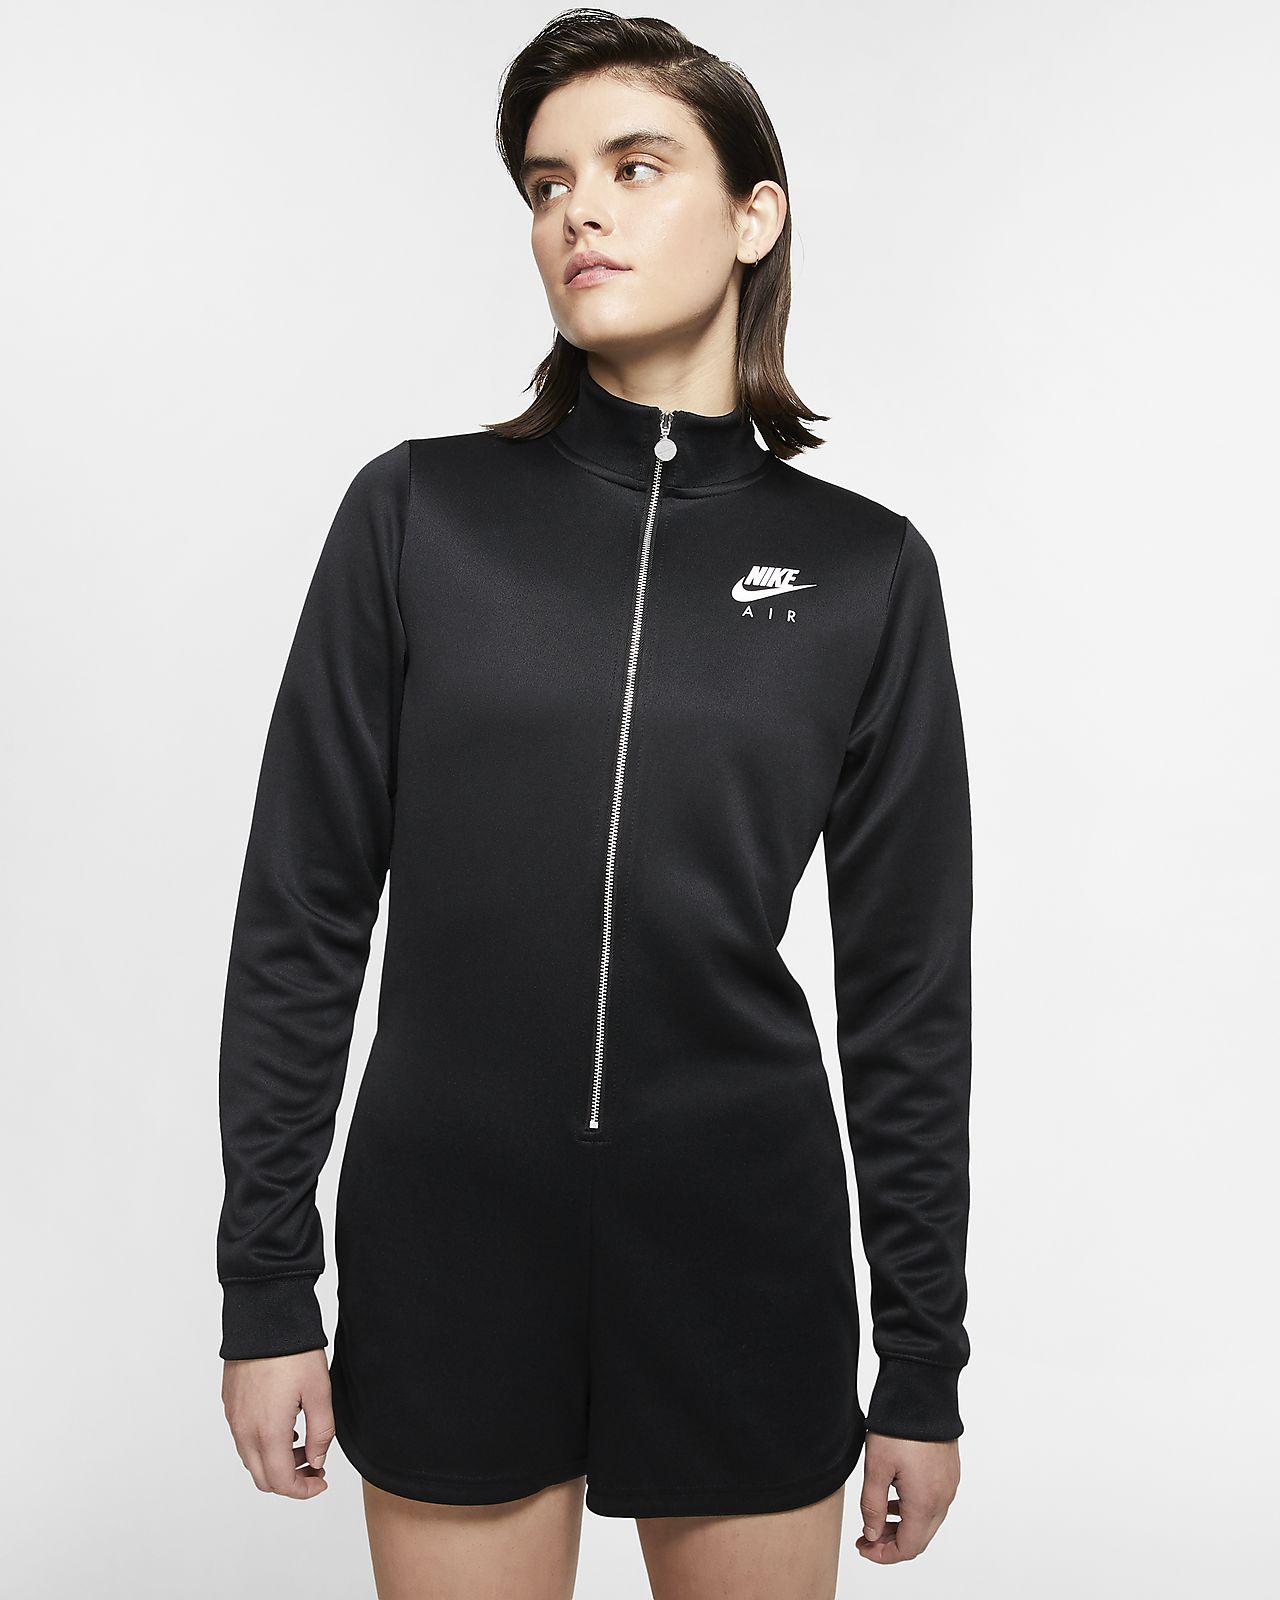 Nike Air 女款連身褲